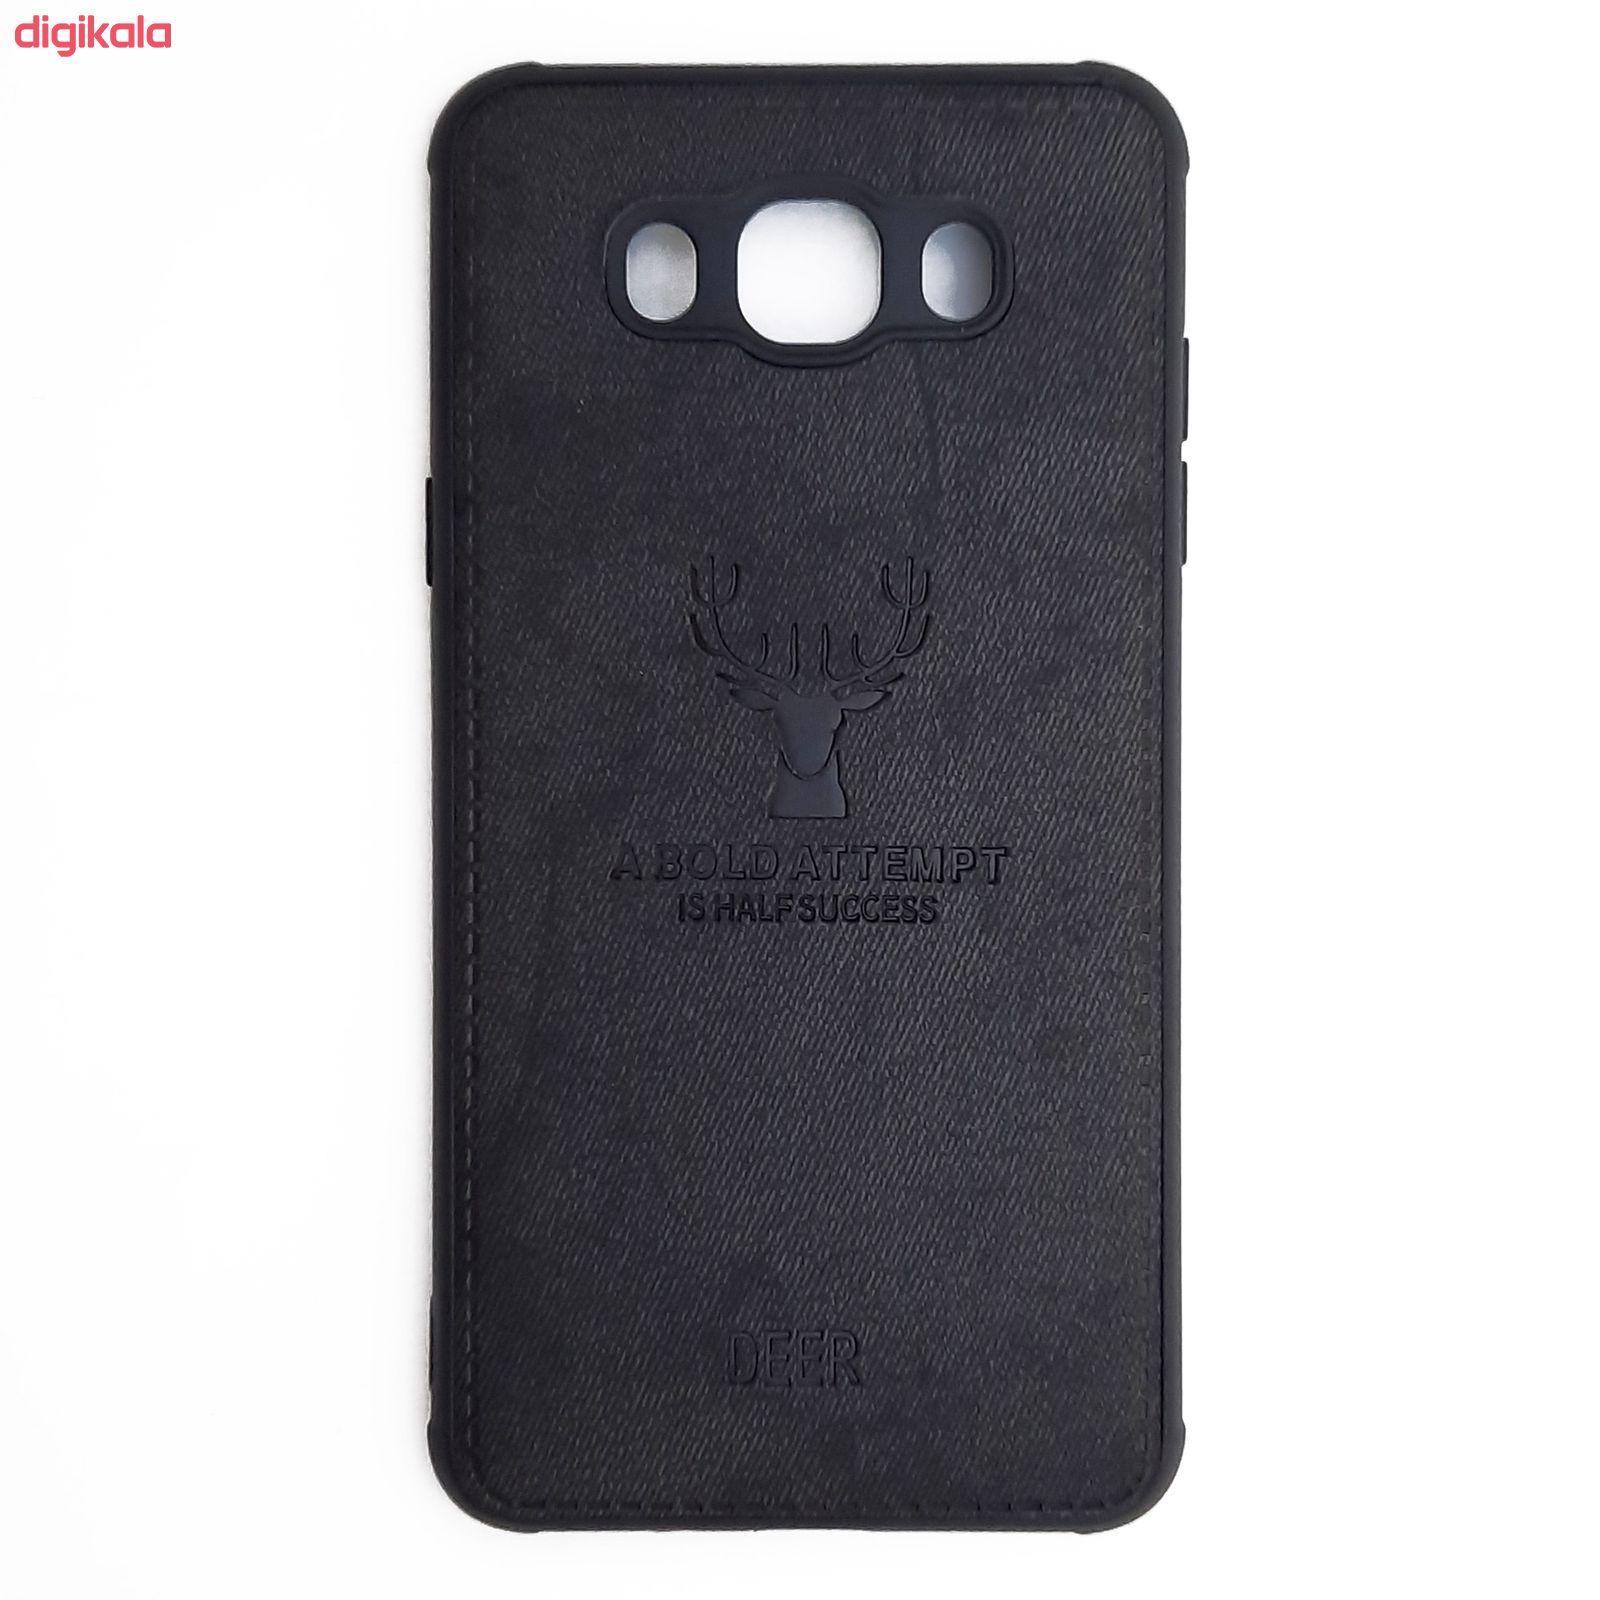 کاور مدل CO507 طرح گوزن مناسب برای گوشی موبایل سامسونگ Galaxy J7 2016 / J710 main 1 5